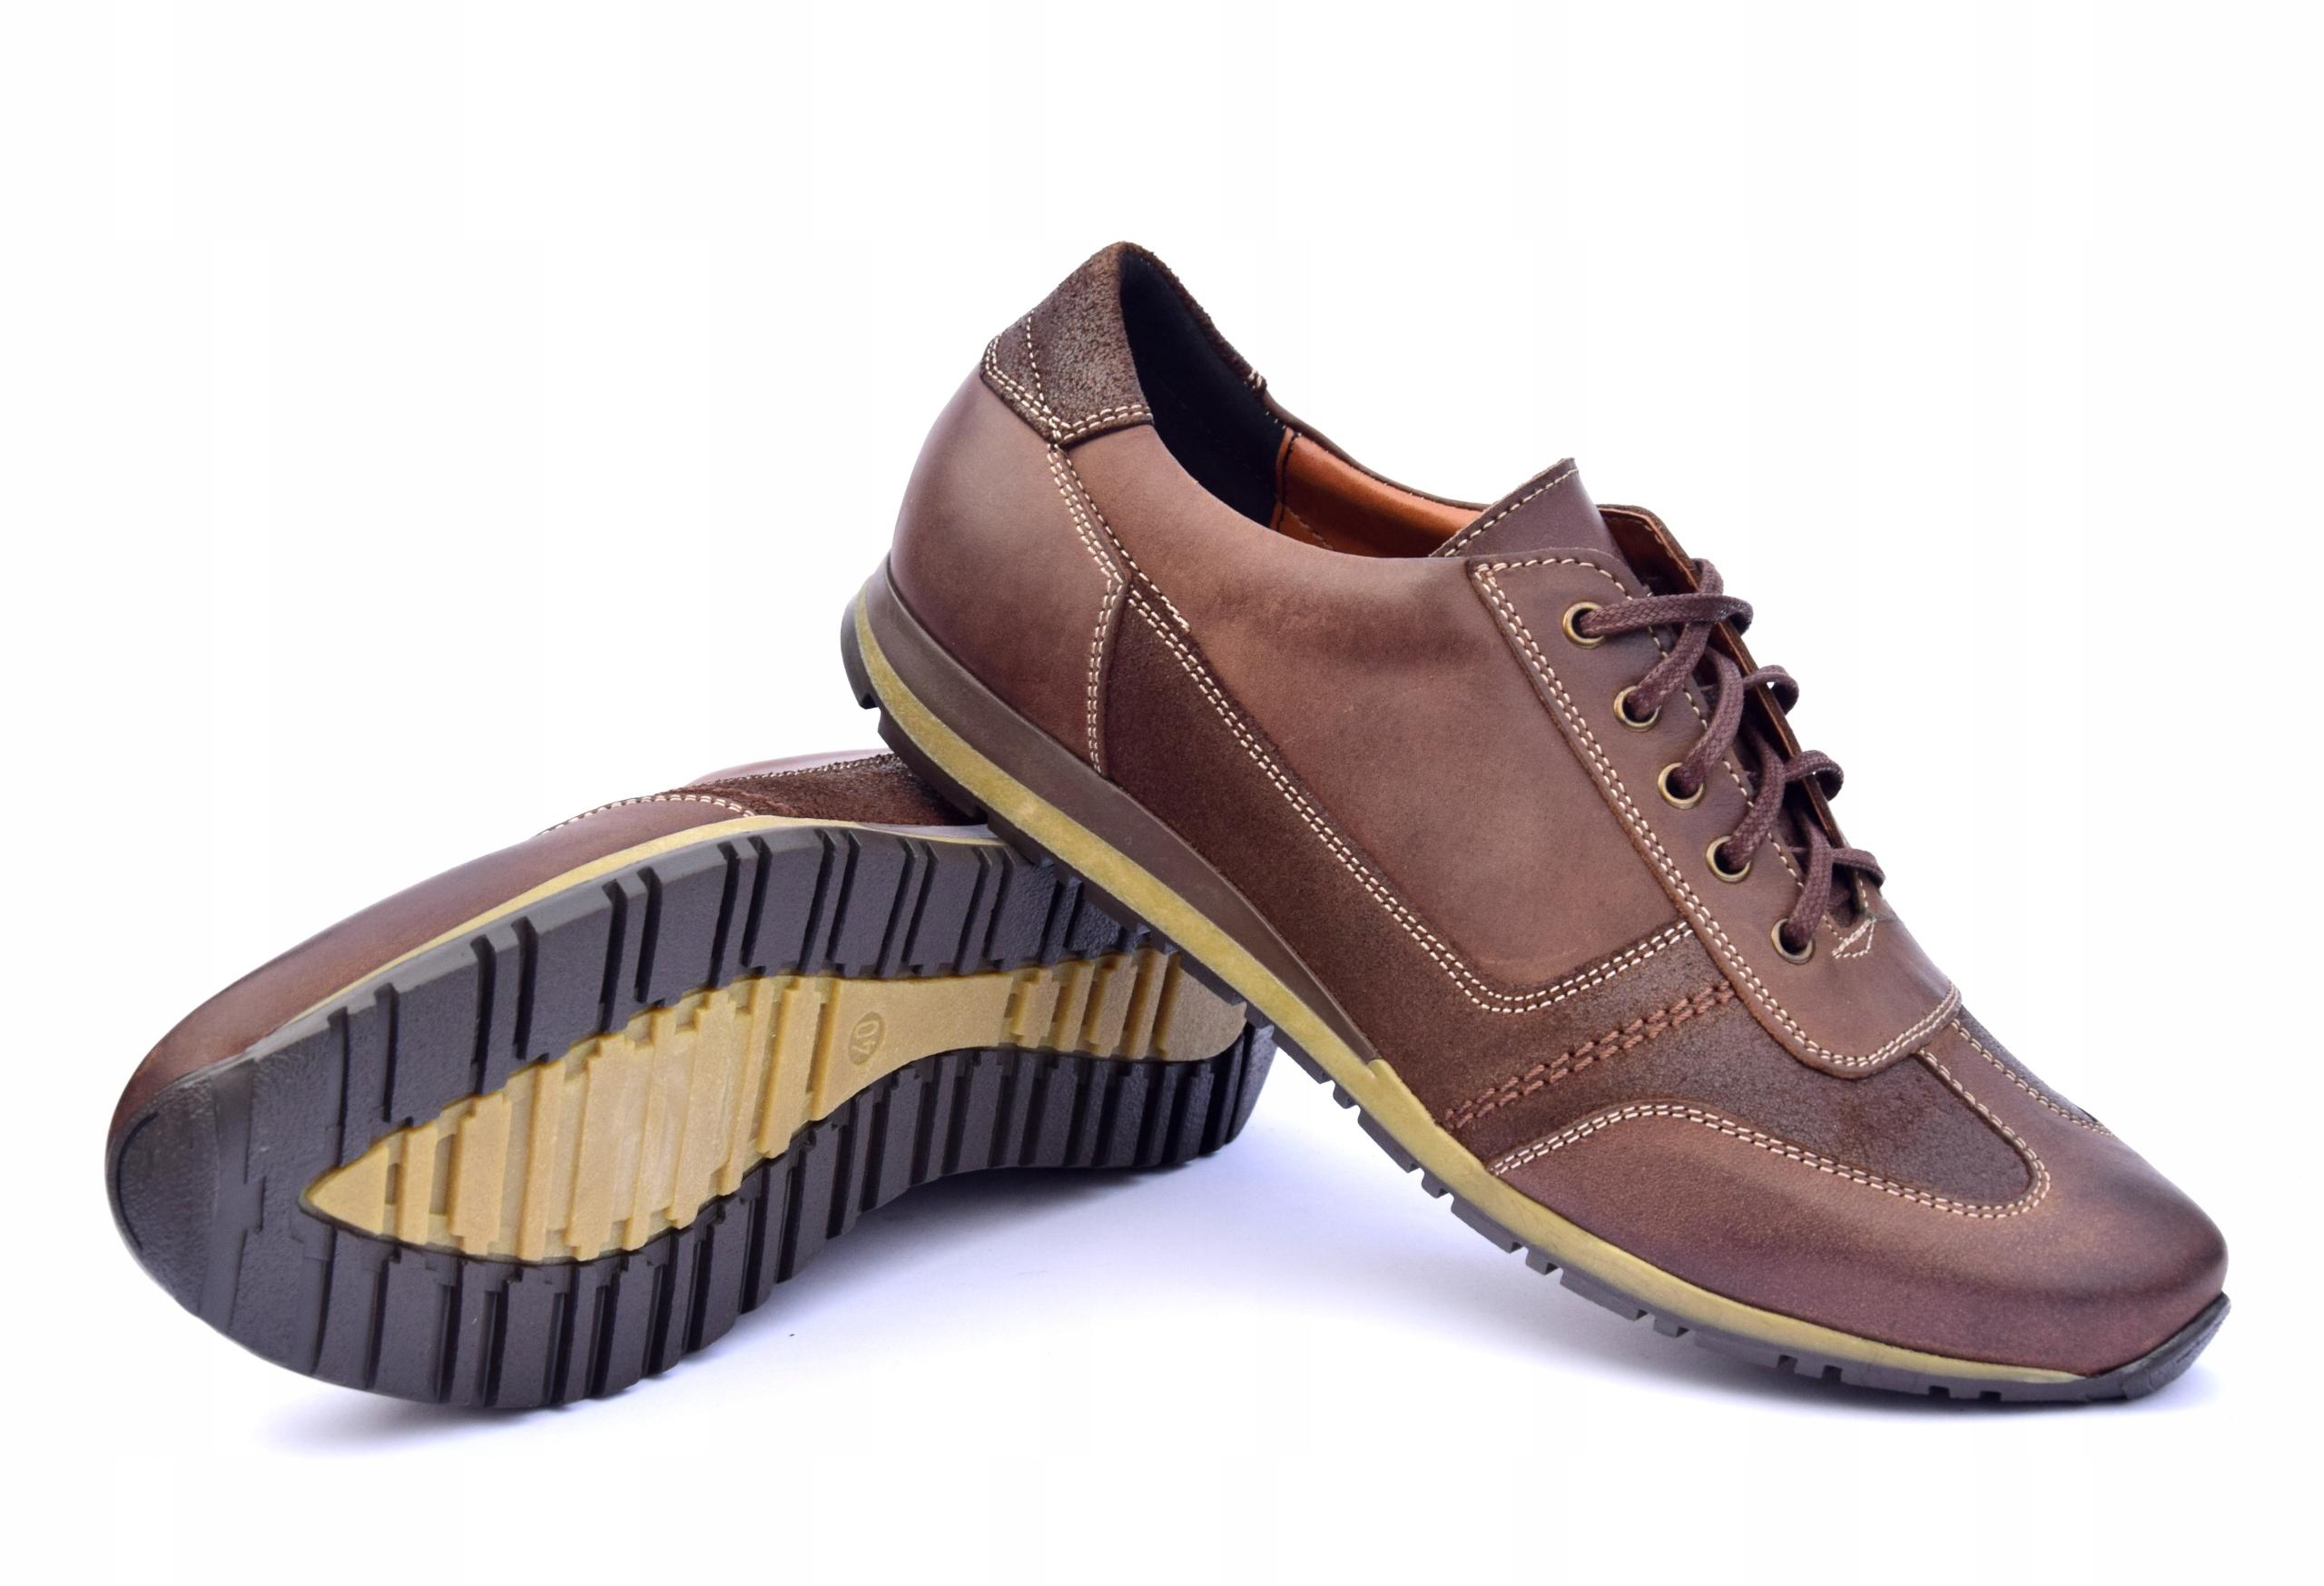 Półbuty skórzane brązowe obuwie ze skóry PL 294 Oryginalne opakowanie producenta pudełko